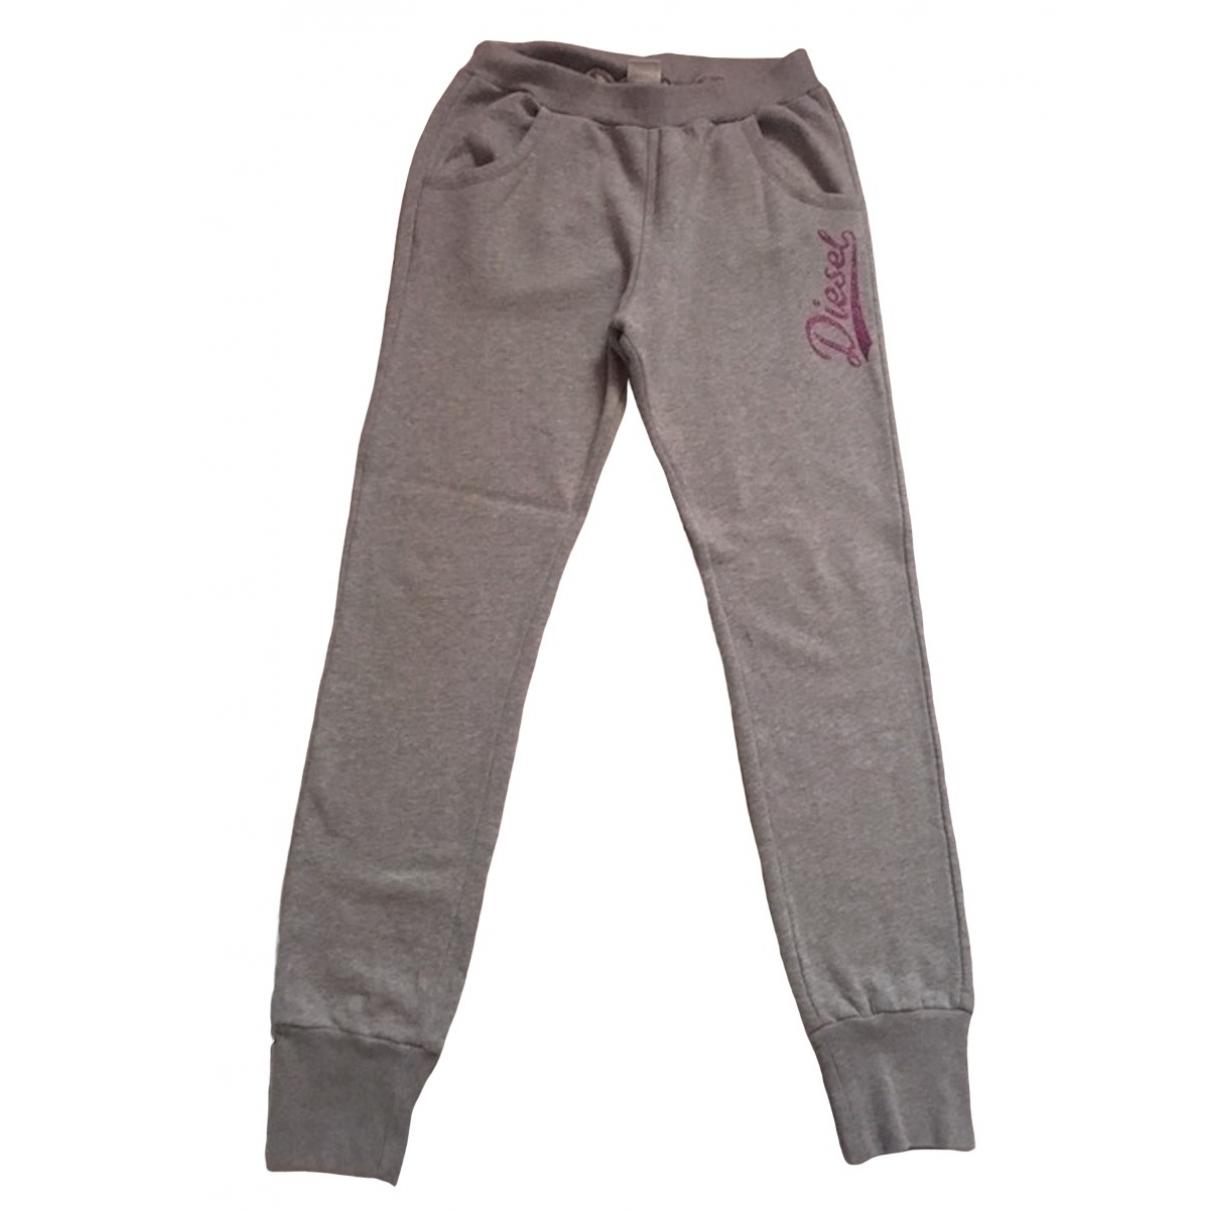 Diesel - Pantalon   pour enfant en coton - gris